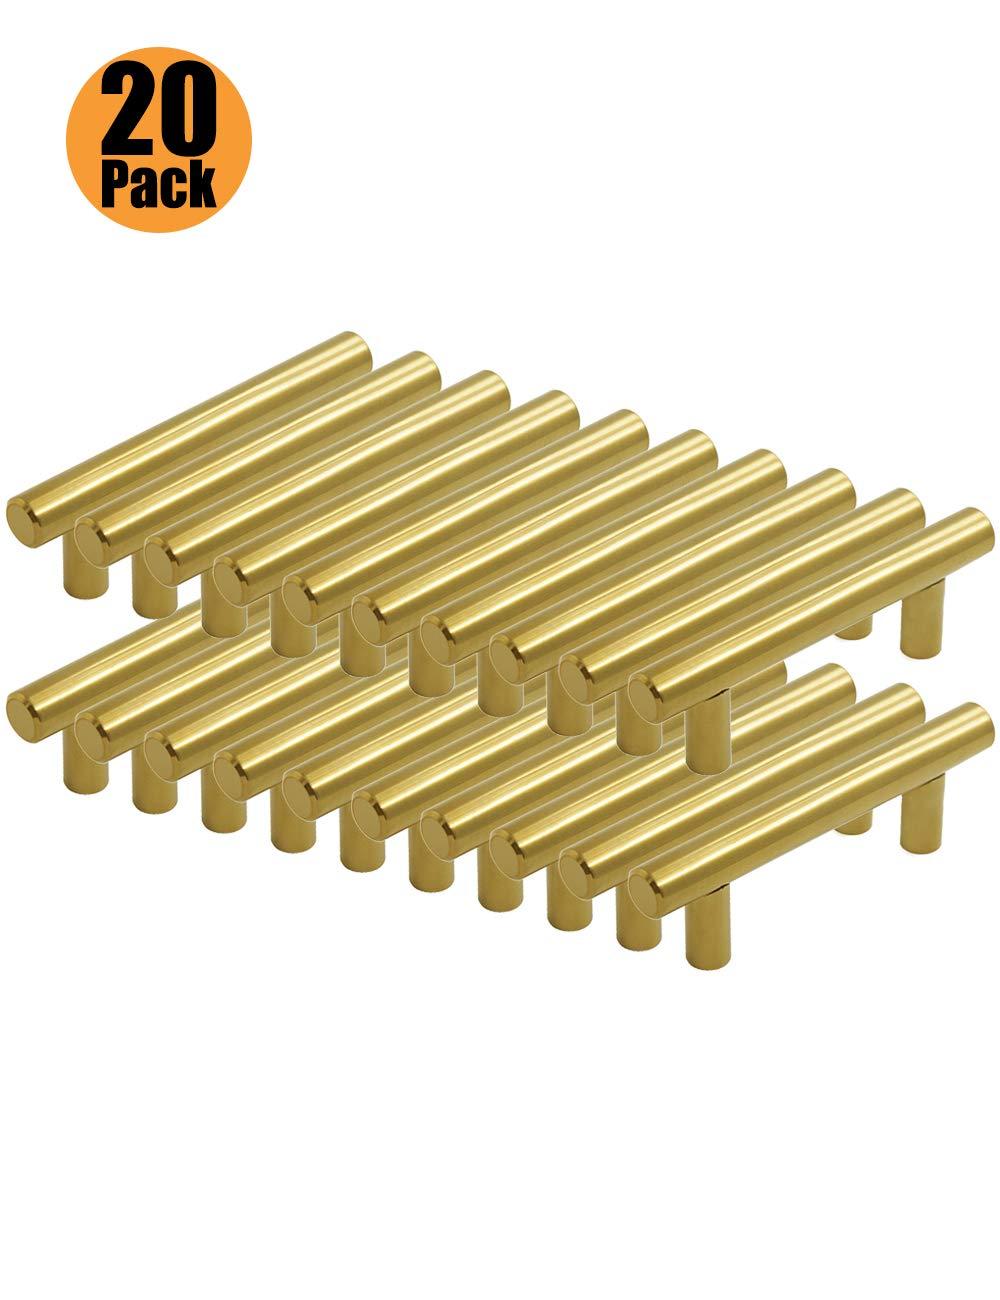 Tiradores de acero inoxidable para puertas de armarios de cocina agujero /único//64//76//96//128//160//192//224//256 mm serie de mangos dorados en forma de T PinLin con tornillos de 6 x 25 mm dorado